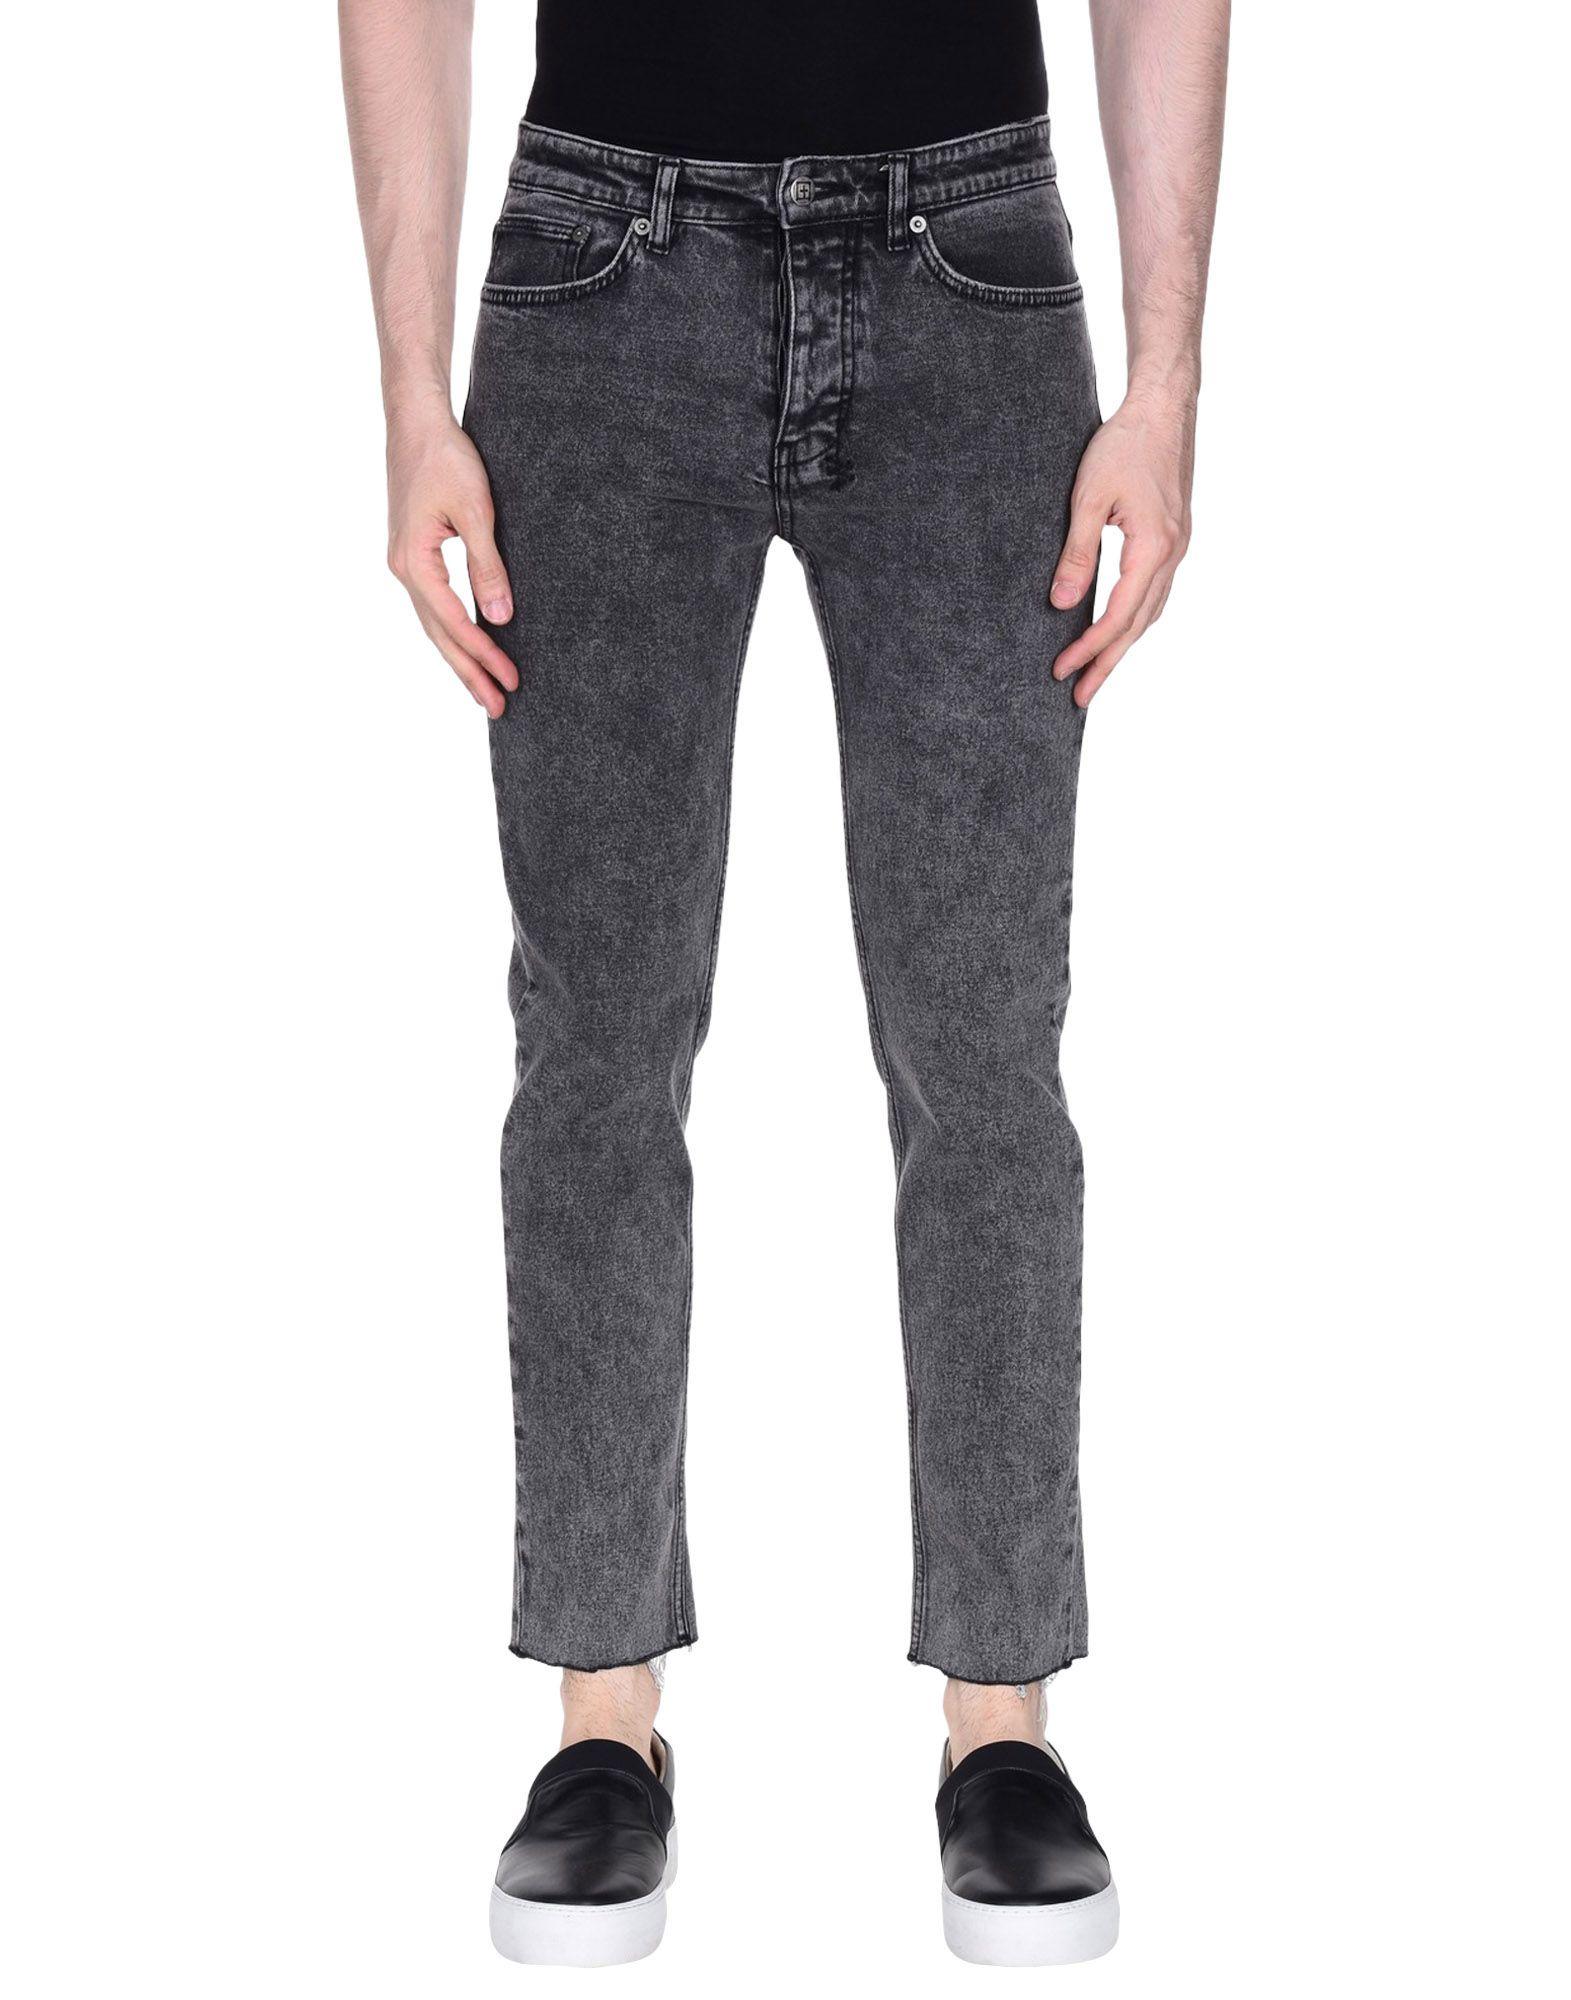 Pantaloni Jeans Ksubi Uomo Uomo Ksubi - 42681987VQ 56df75